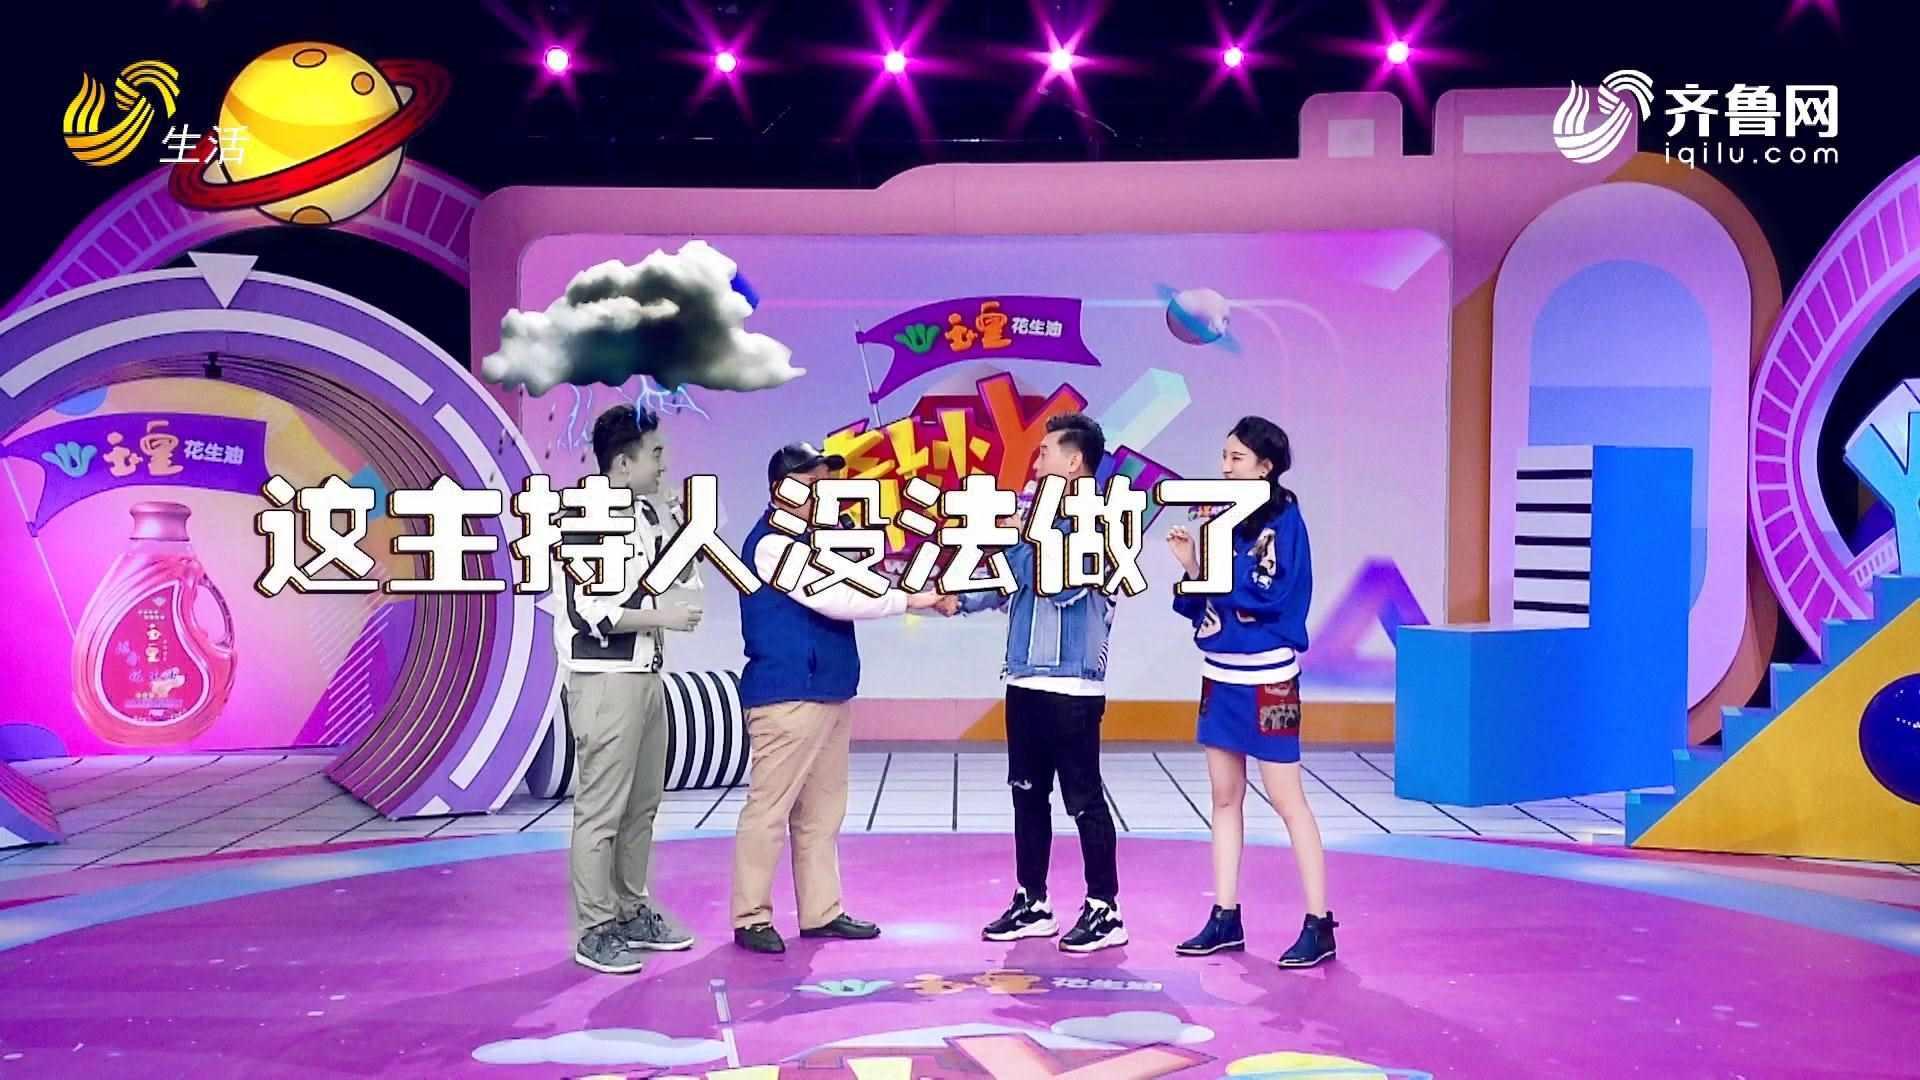 20190310《奇妙Yeah》爱上这座城—爱上周村!(下)